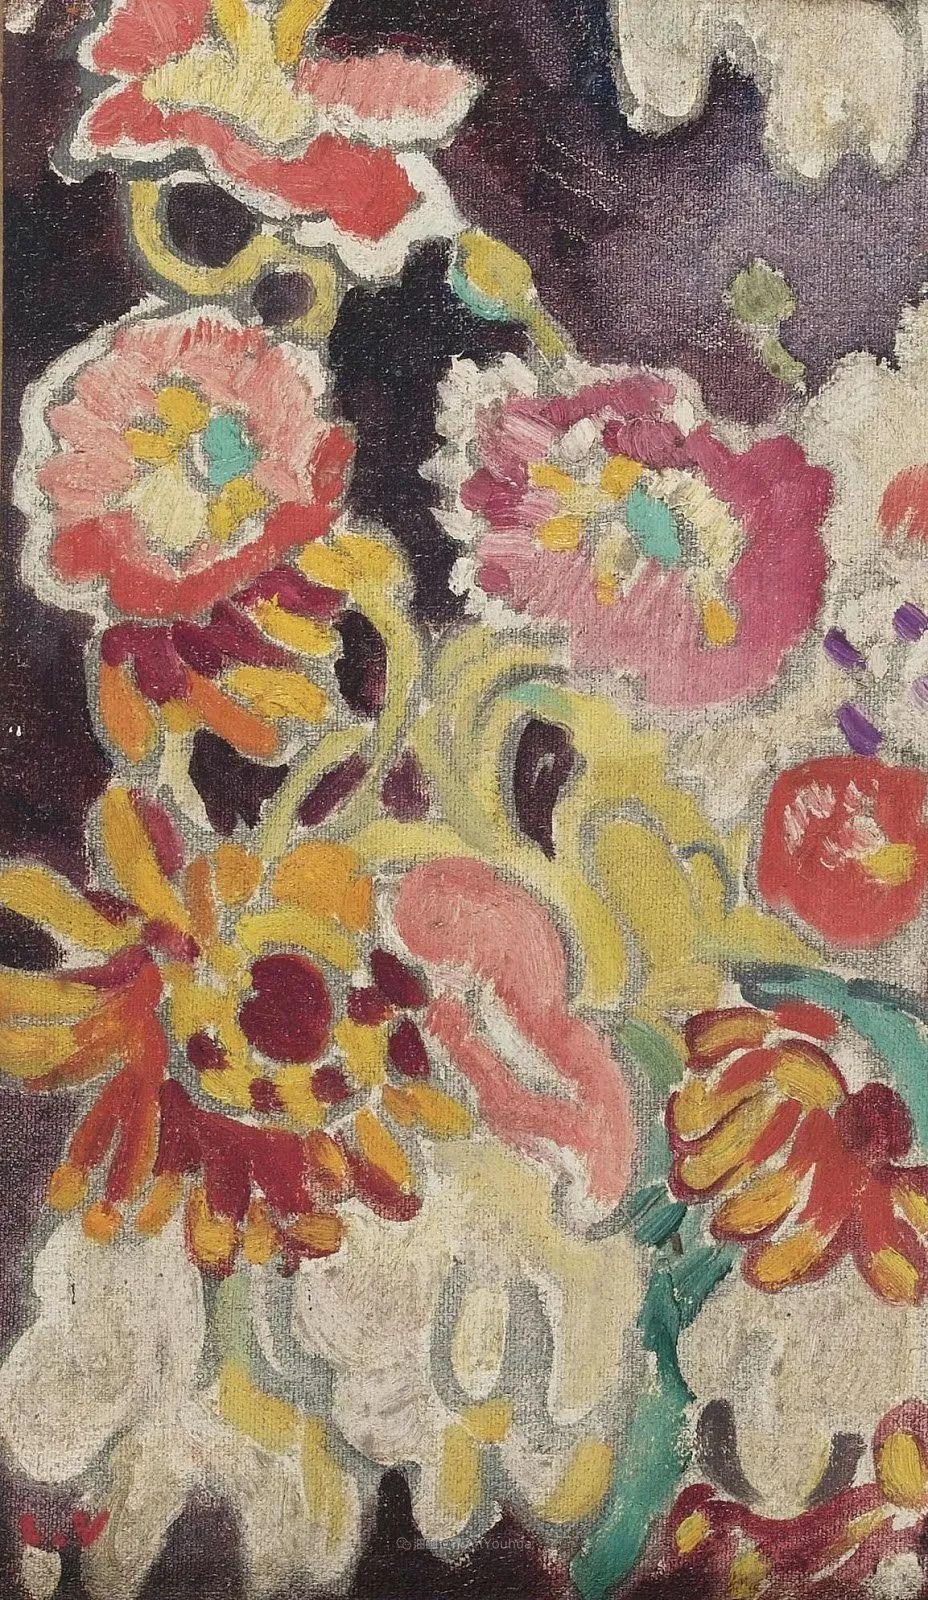 笔触粗犷,色彩令人陶醉,高清花卉作品插图44